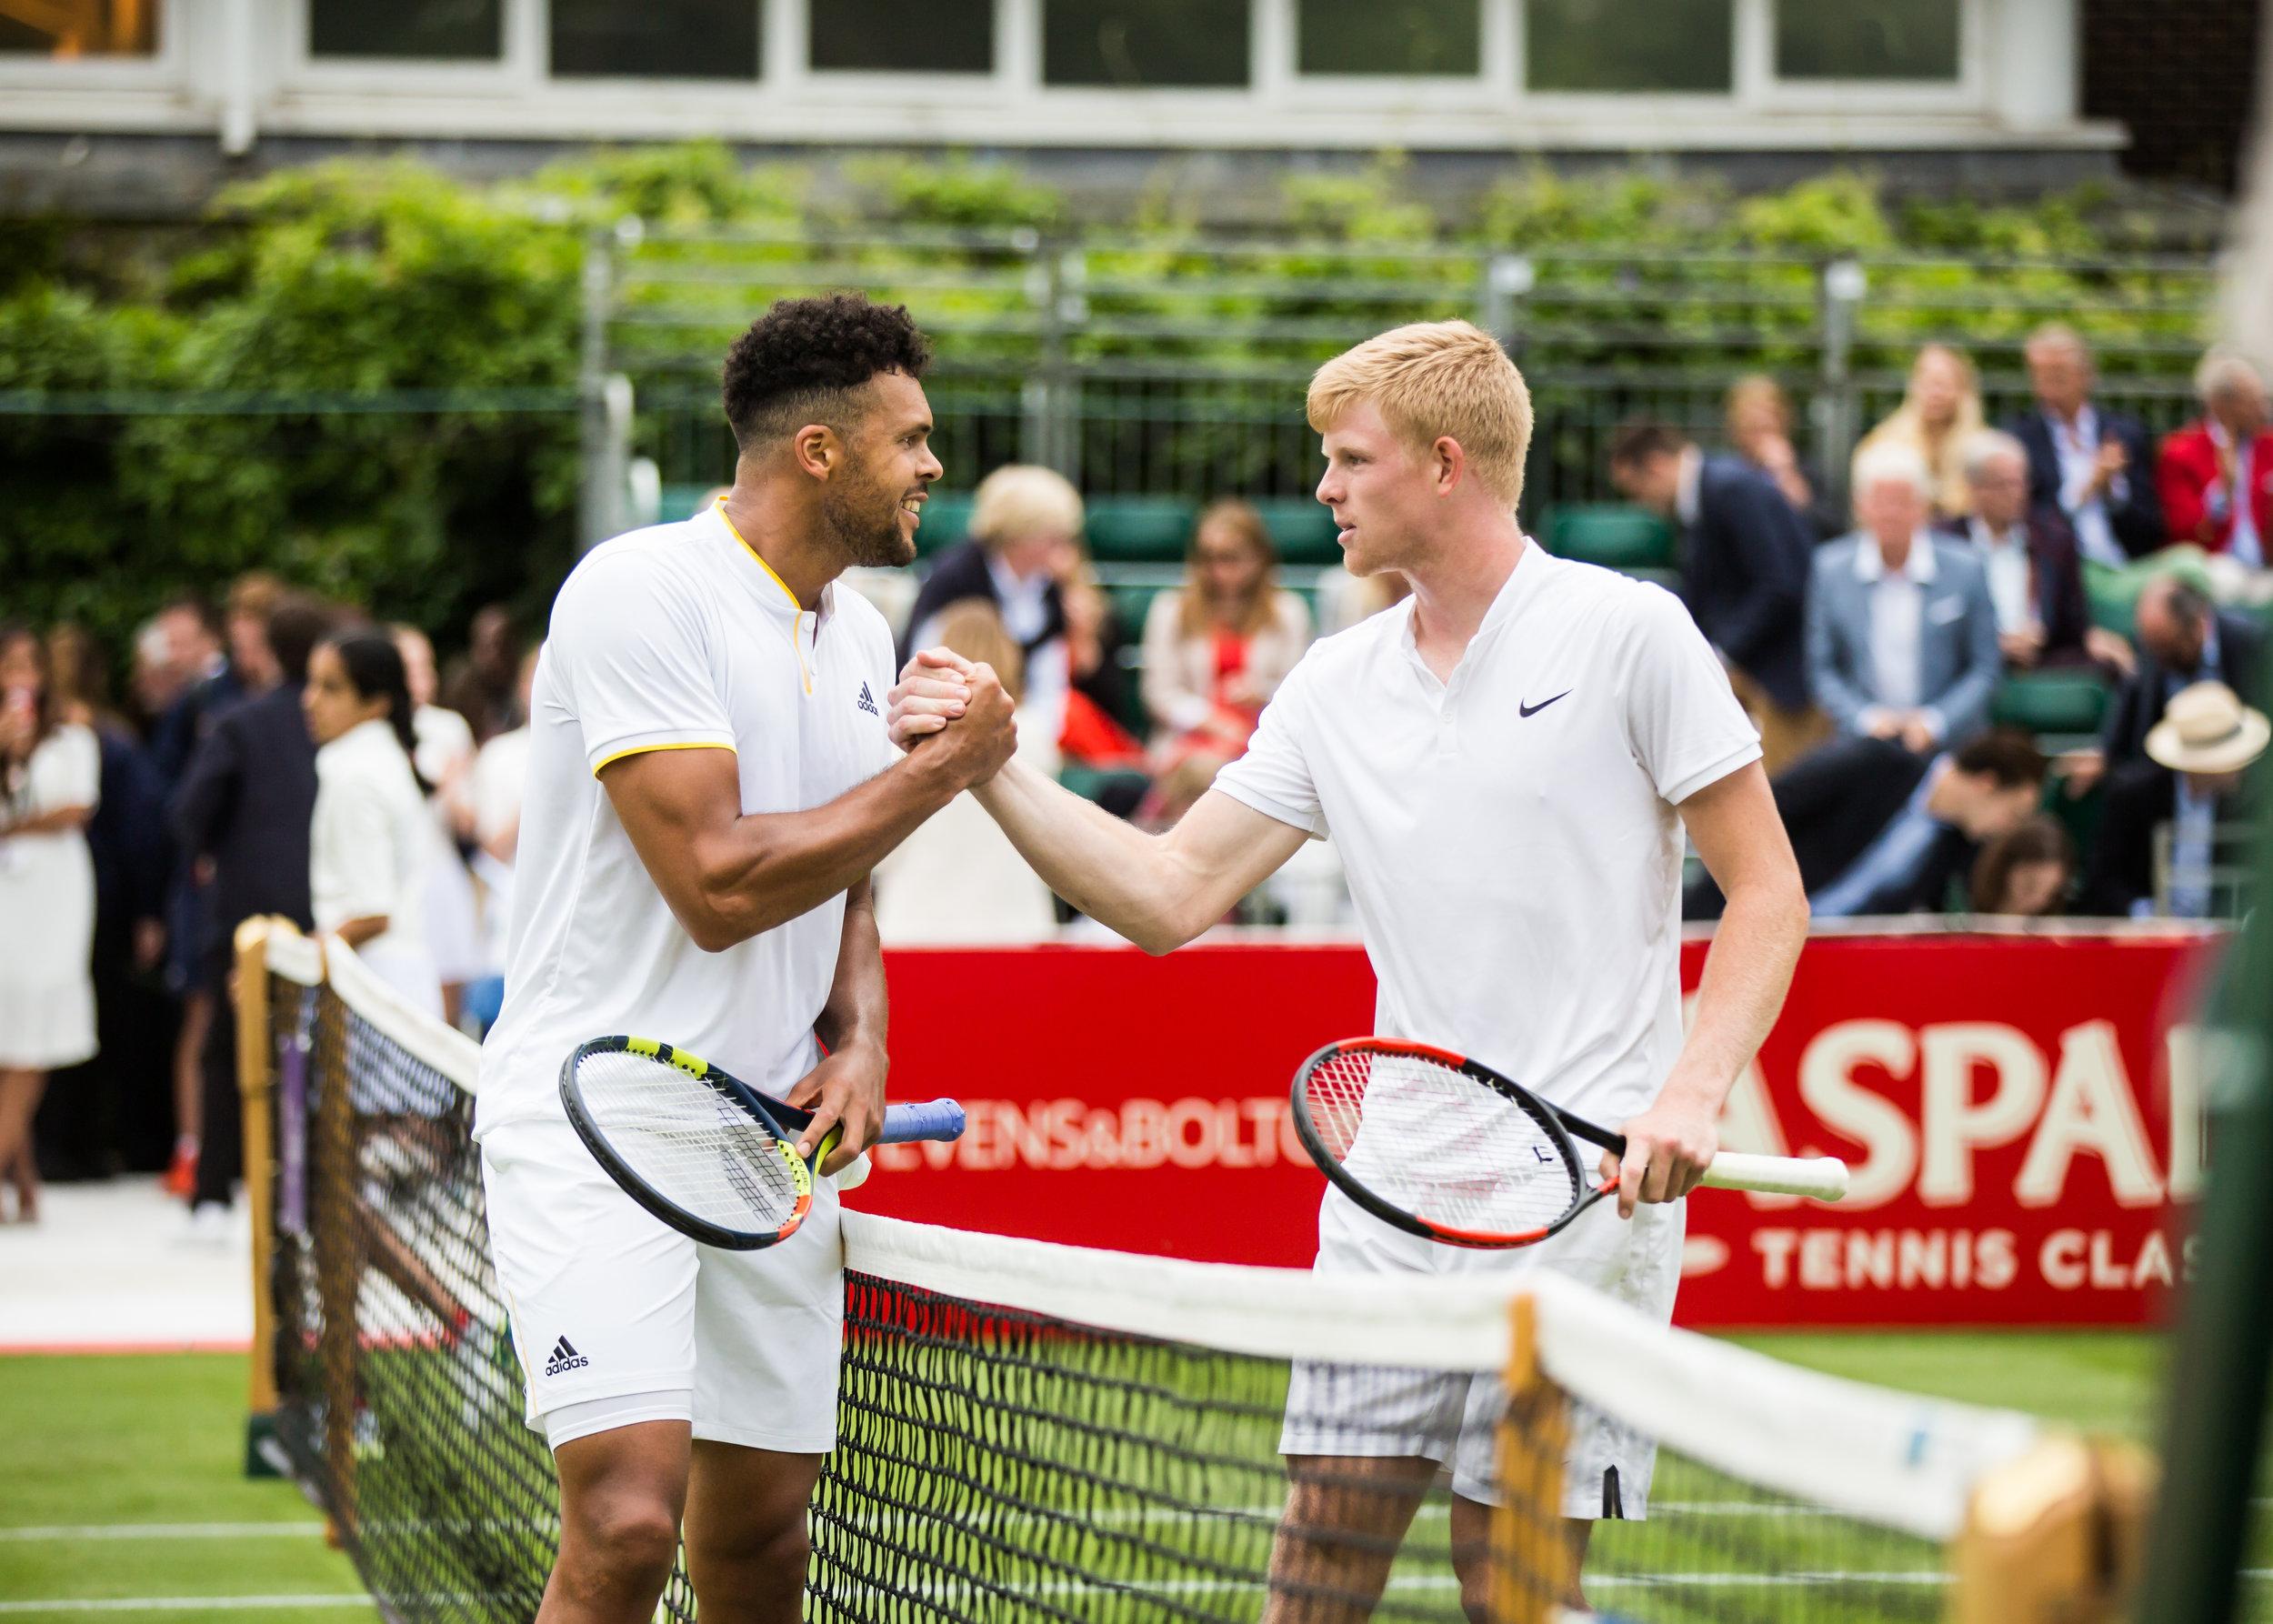 TDM_9194 - Aspall Tennis - 2017 - Hurlingham Club - IMG - Tom D Morgan - HIGH RES.jpg